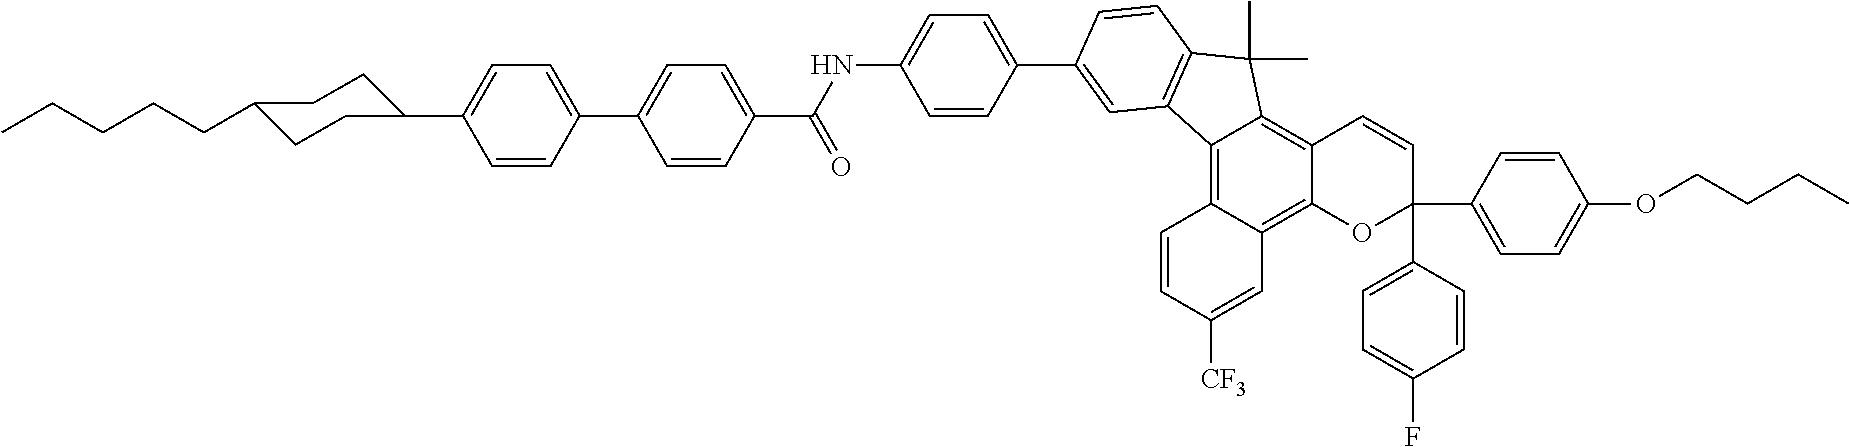 Figure US08545984-20131001-C00030